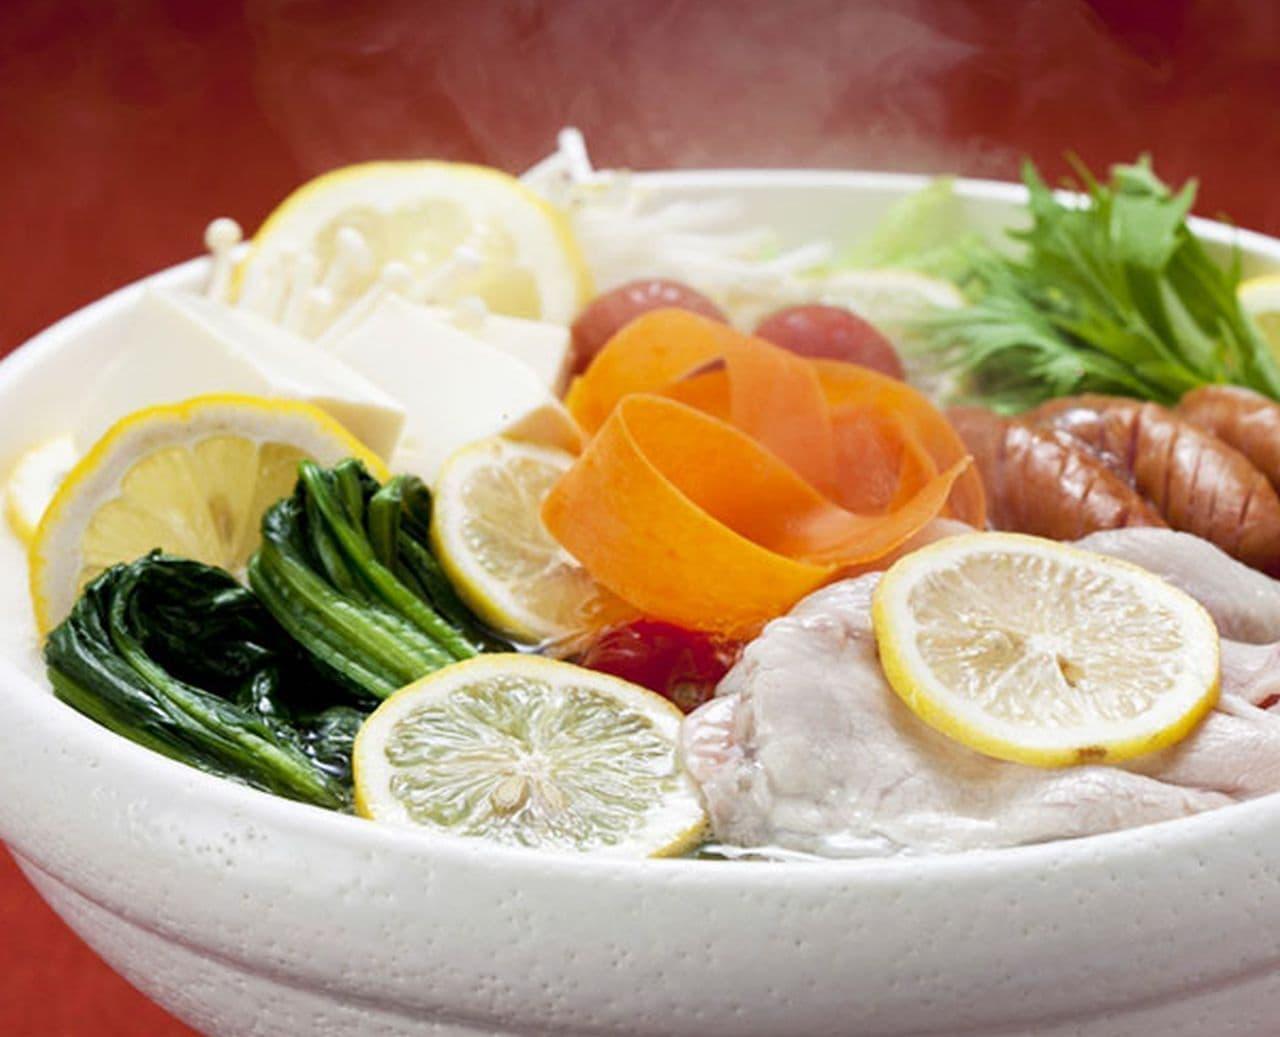 カルディの鍋つゆや調味料